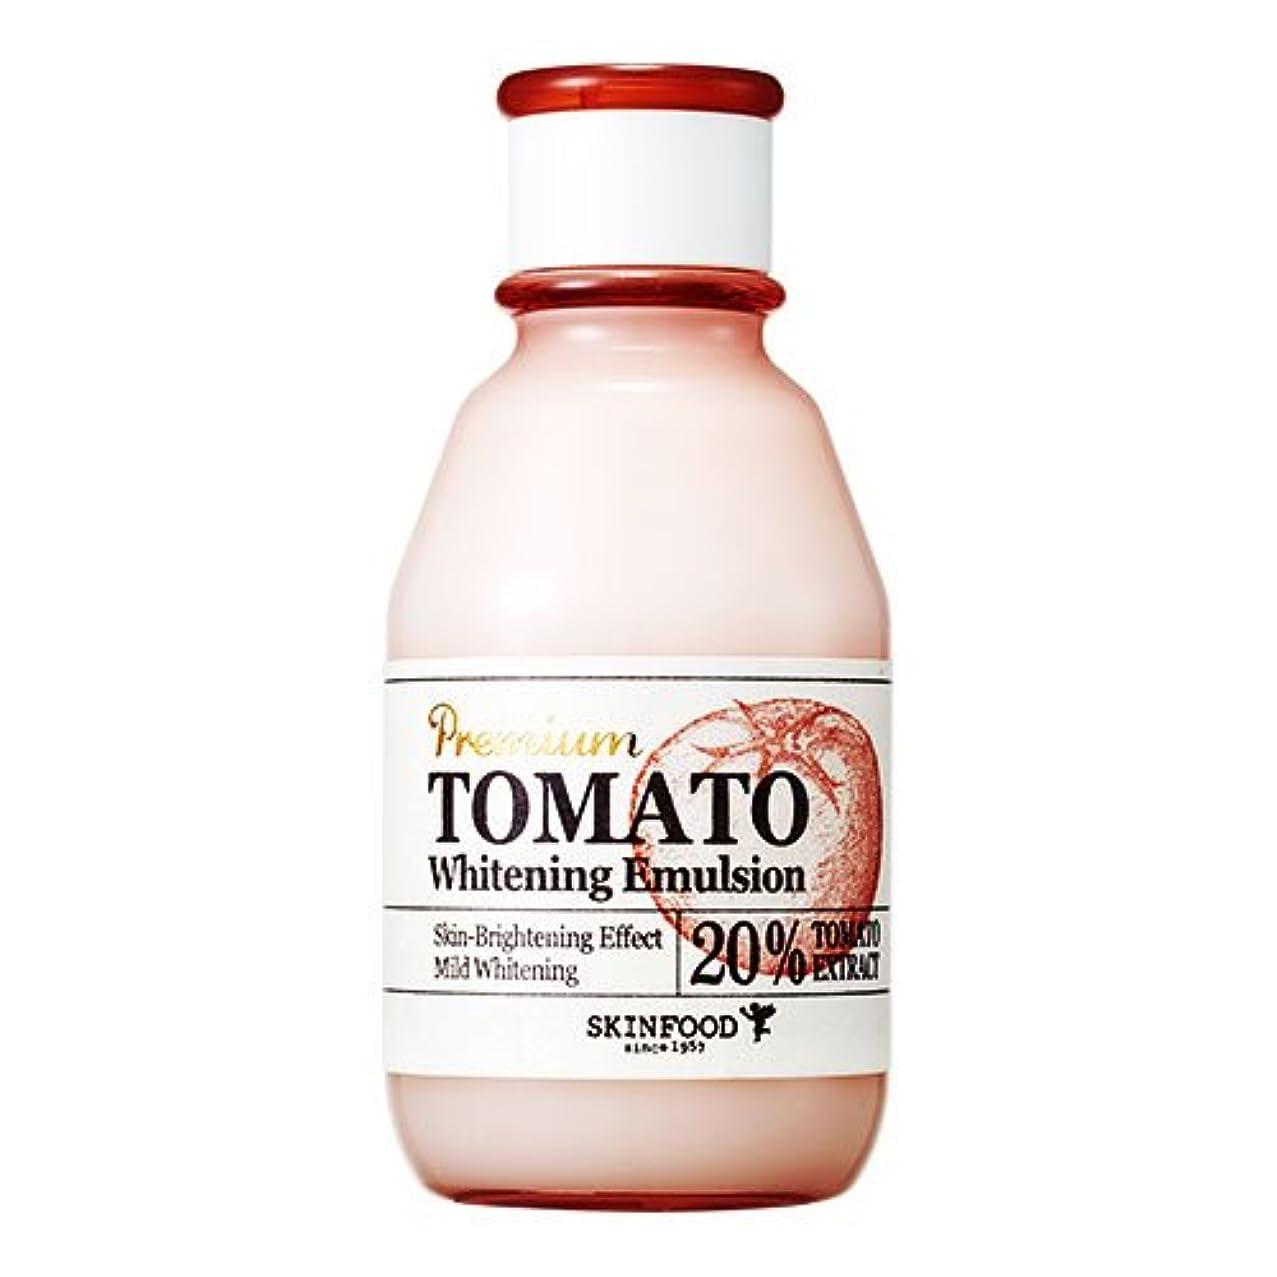 セーブゴミ箱を空にするうなずく[スキンフード] SKINFOOD プレミアムトマトホワイトニングエマルジョン Premium Tomato Whitening Emulsion (海外直送品) [並行輸入品]